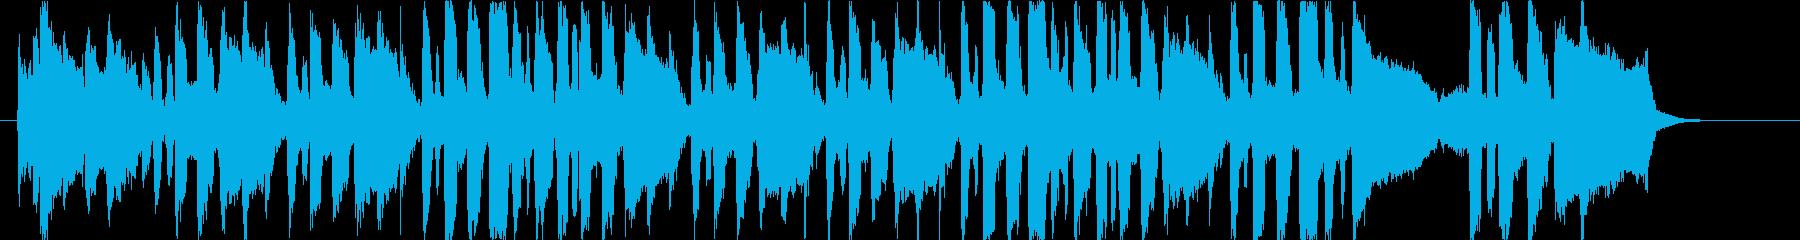 誕生日の歌(ワルツver) 【ハルキ】の再生済みの波形